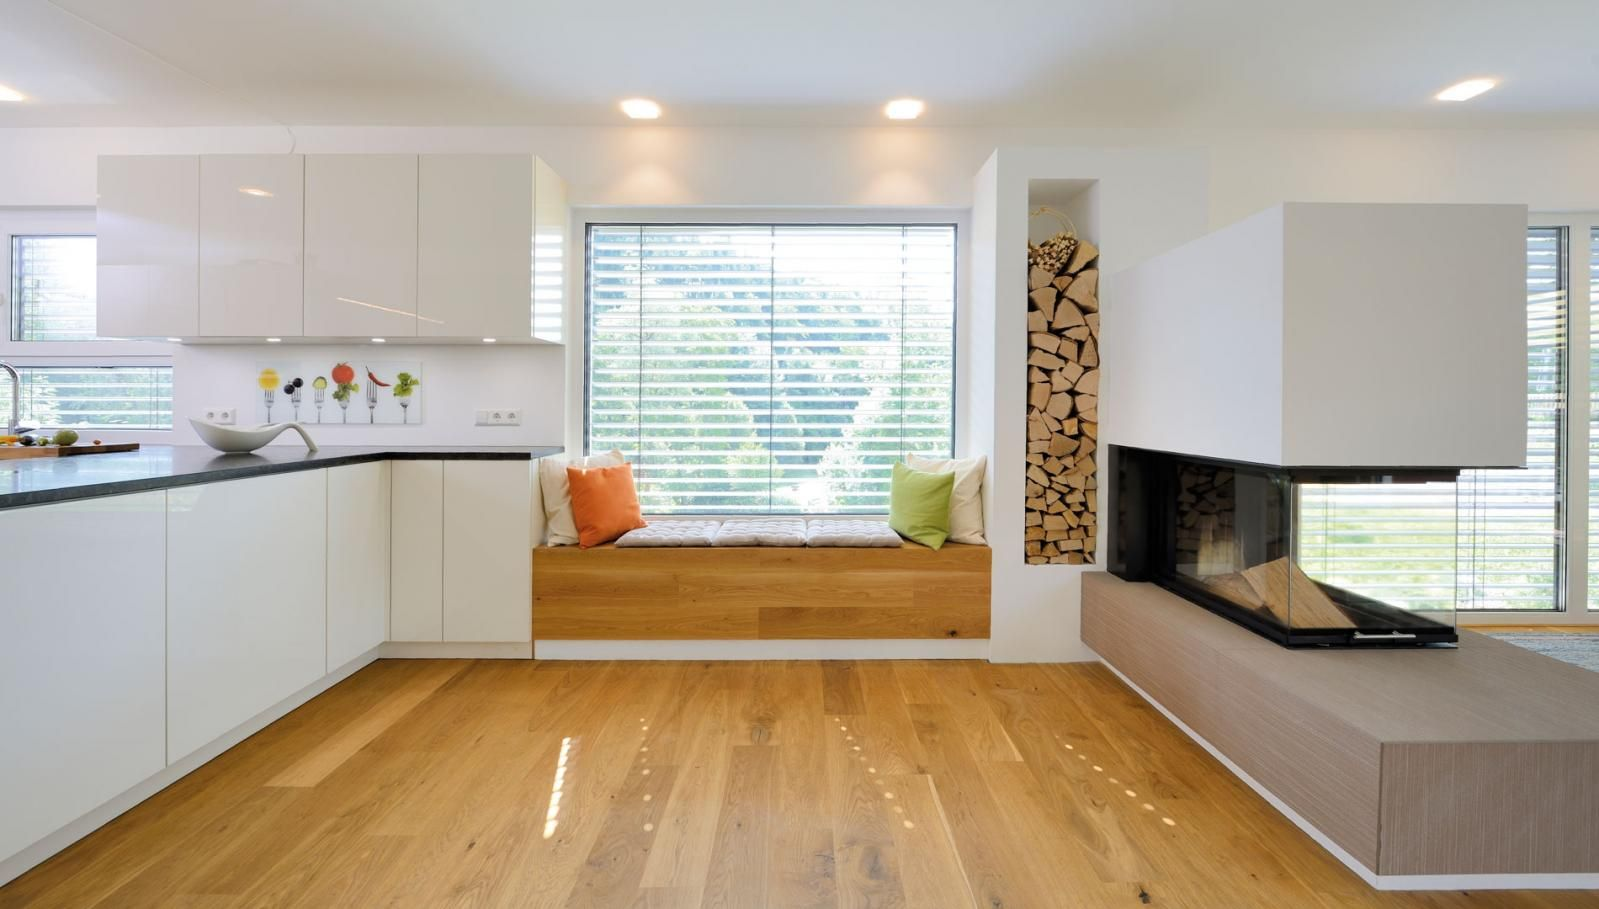 Gemtliches Sitzfenster zwischen Kche und Kamin  Haus Ingelfinger  Fertighaus WEISS  Home